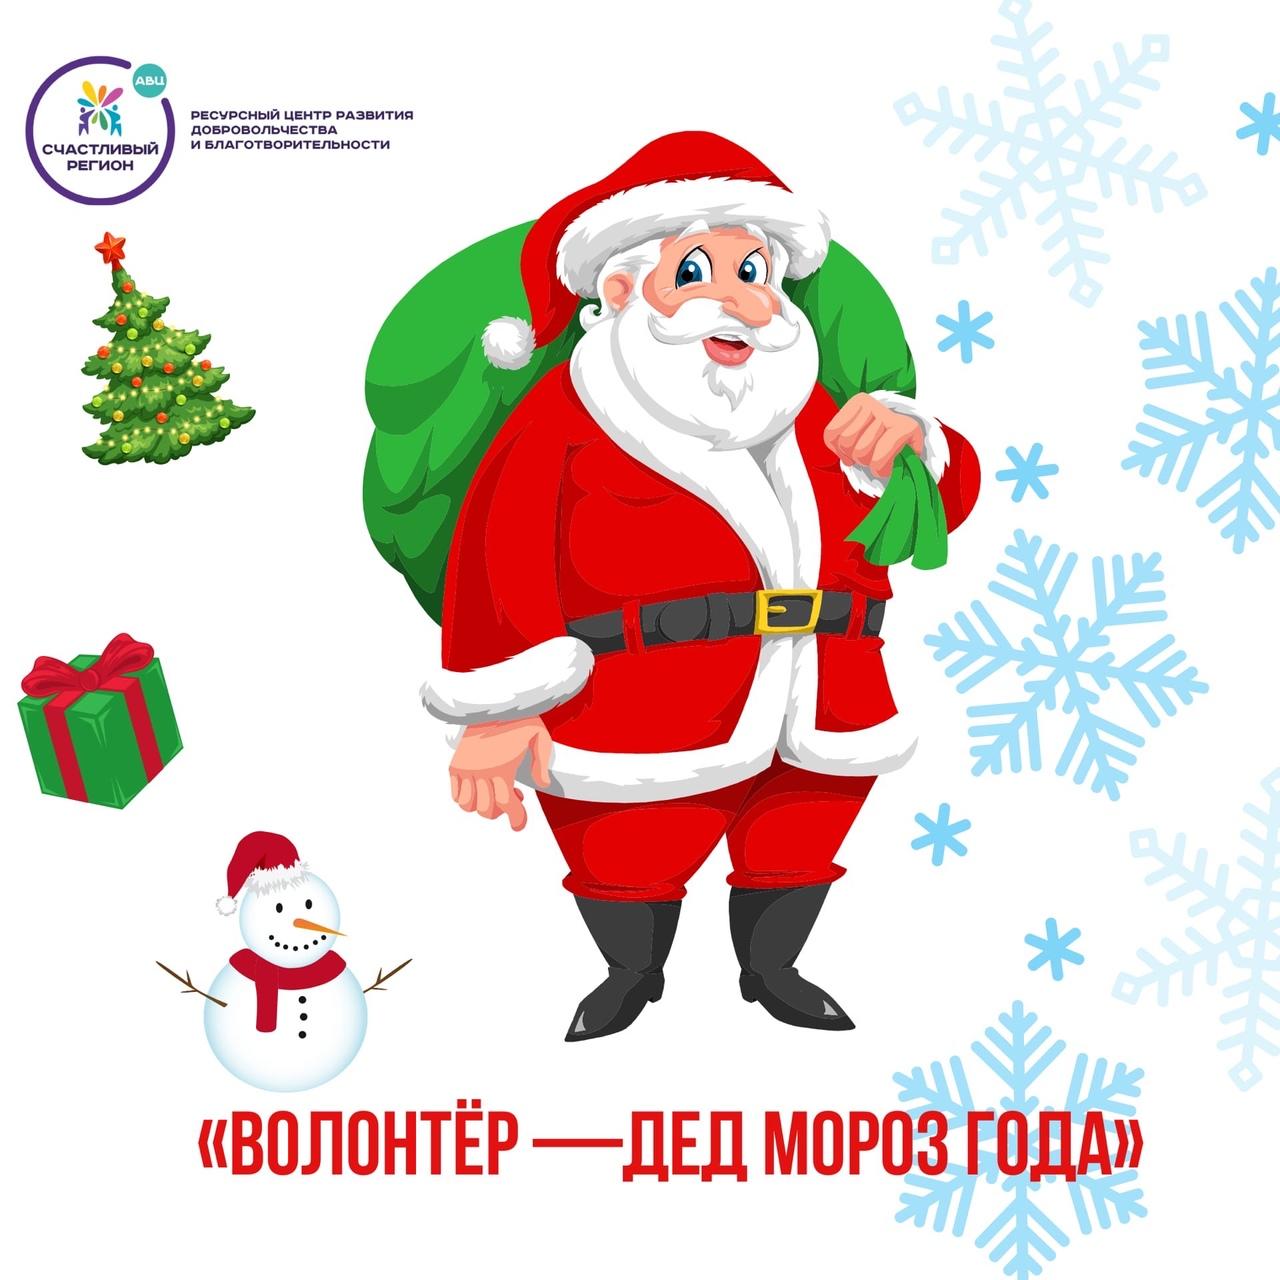 Конкурс «Волонтер - Дед Мороз года»